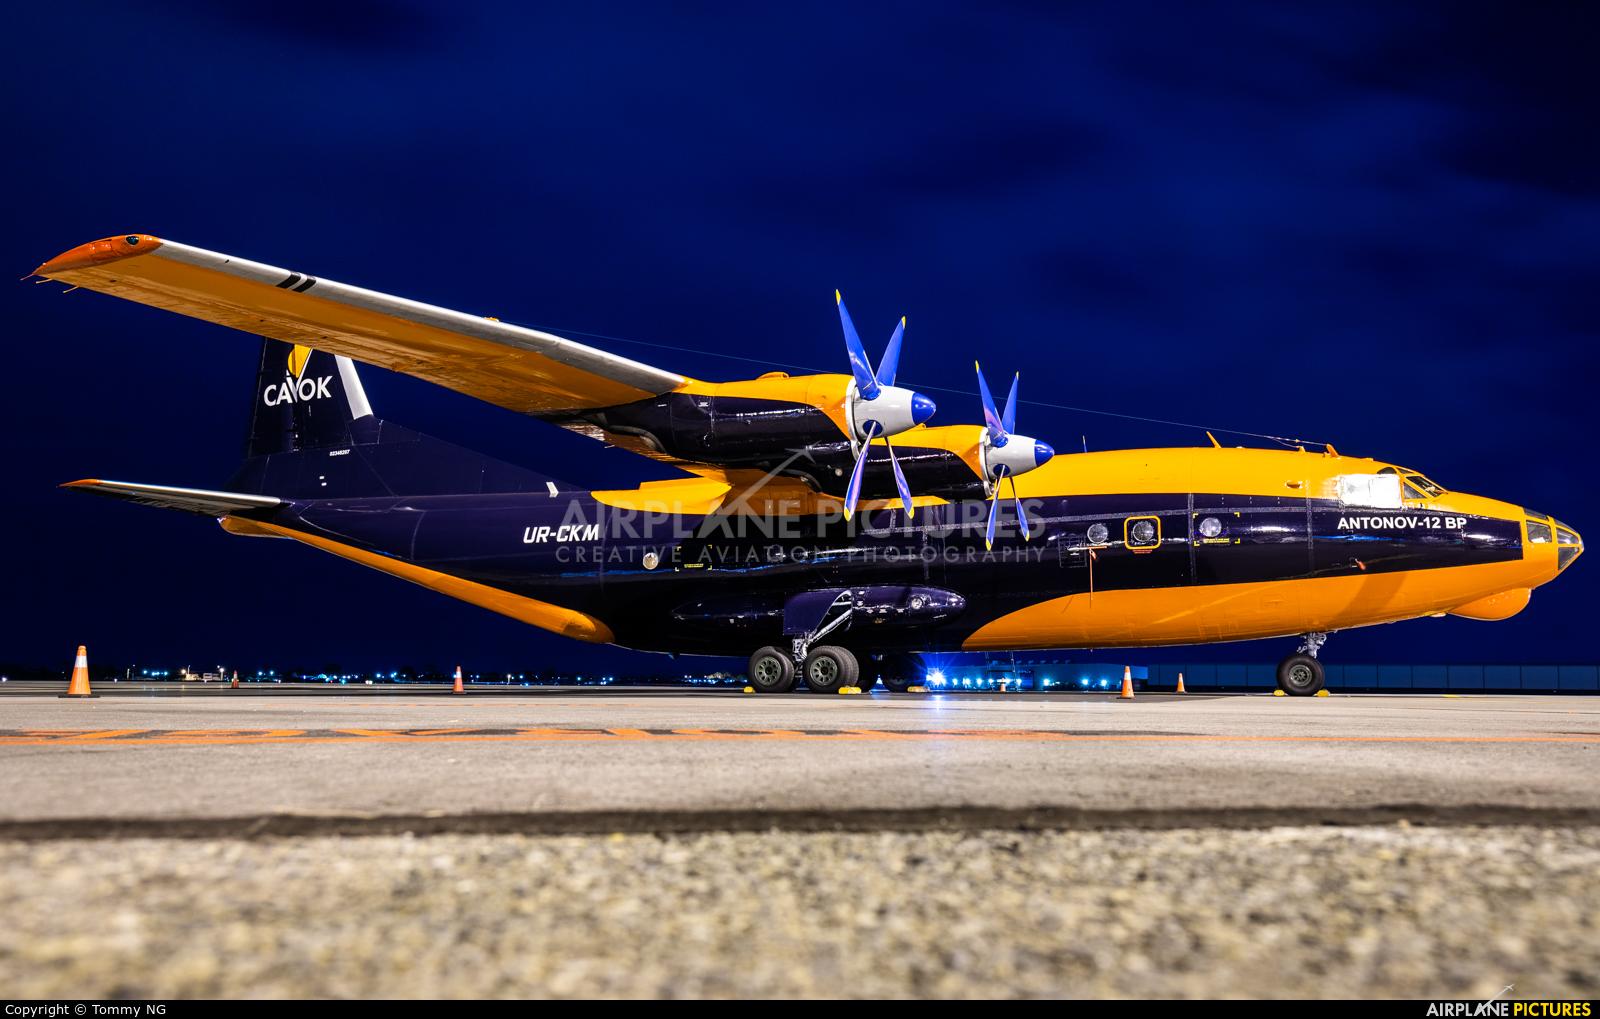 Cavok Air UR-CKM aircraft at Adelaide Intl, SA